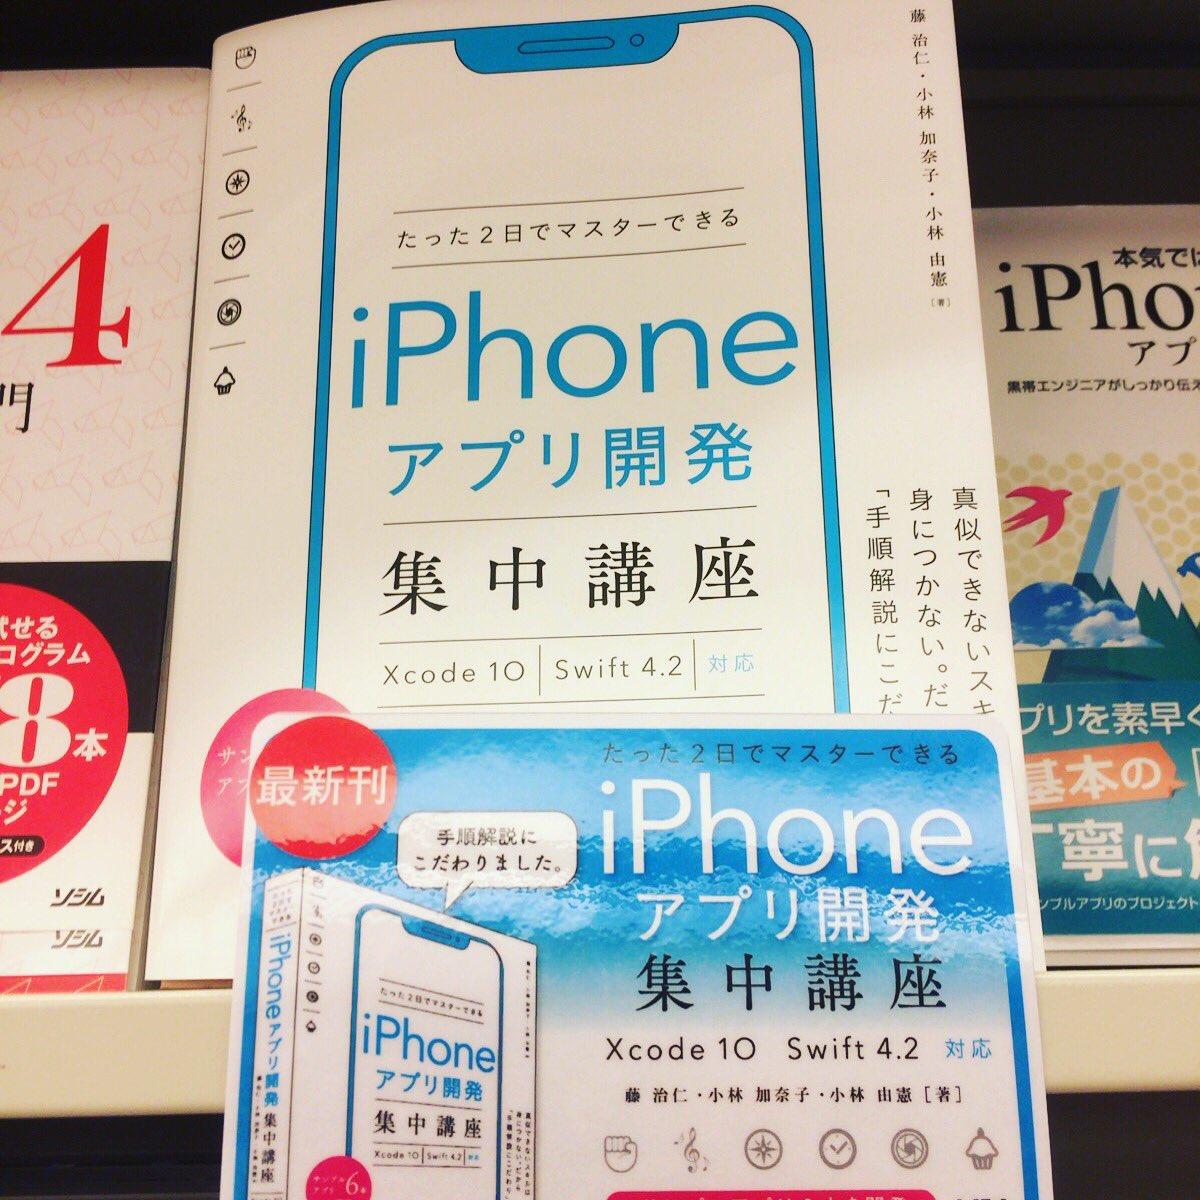 6142a1fdf950a 丸善 丸の内本店に来ました(^_^) たった2日でマスターできるiPhoneアプリ開発集中講座 があります。  立ち読みできますので、ぜひ、書店に寄ってください ...